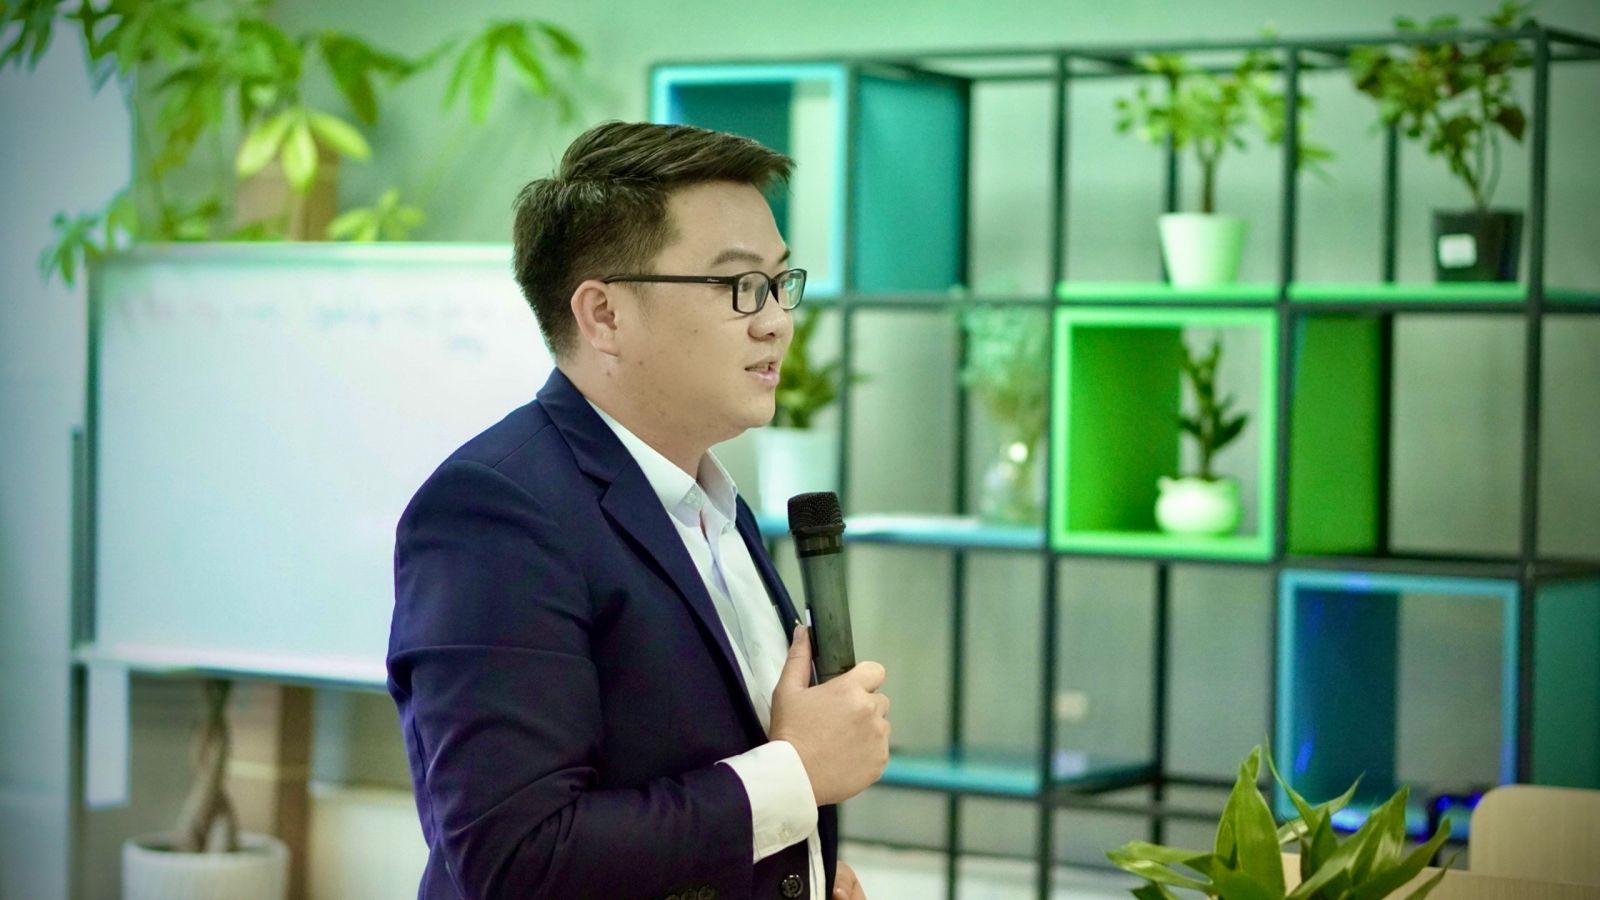 ông Đặng Phi Long - Tổng giám đốc công ty chúc mừng các nhân sự được bổ nhiệm vào chức vụ mới